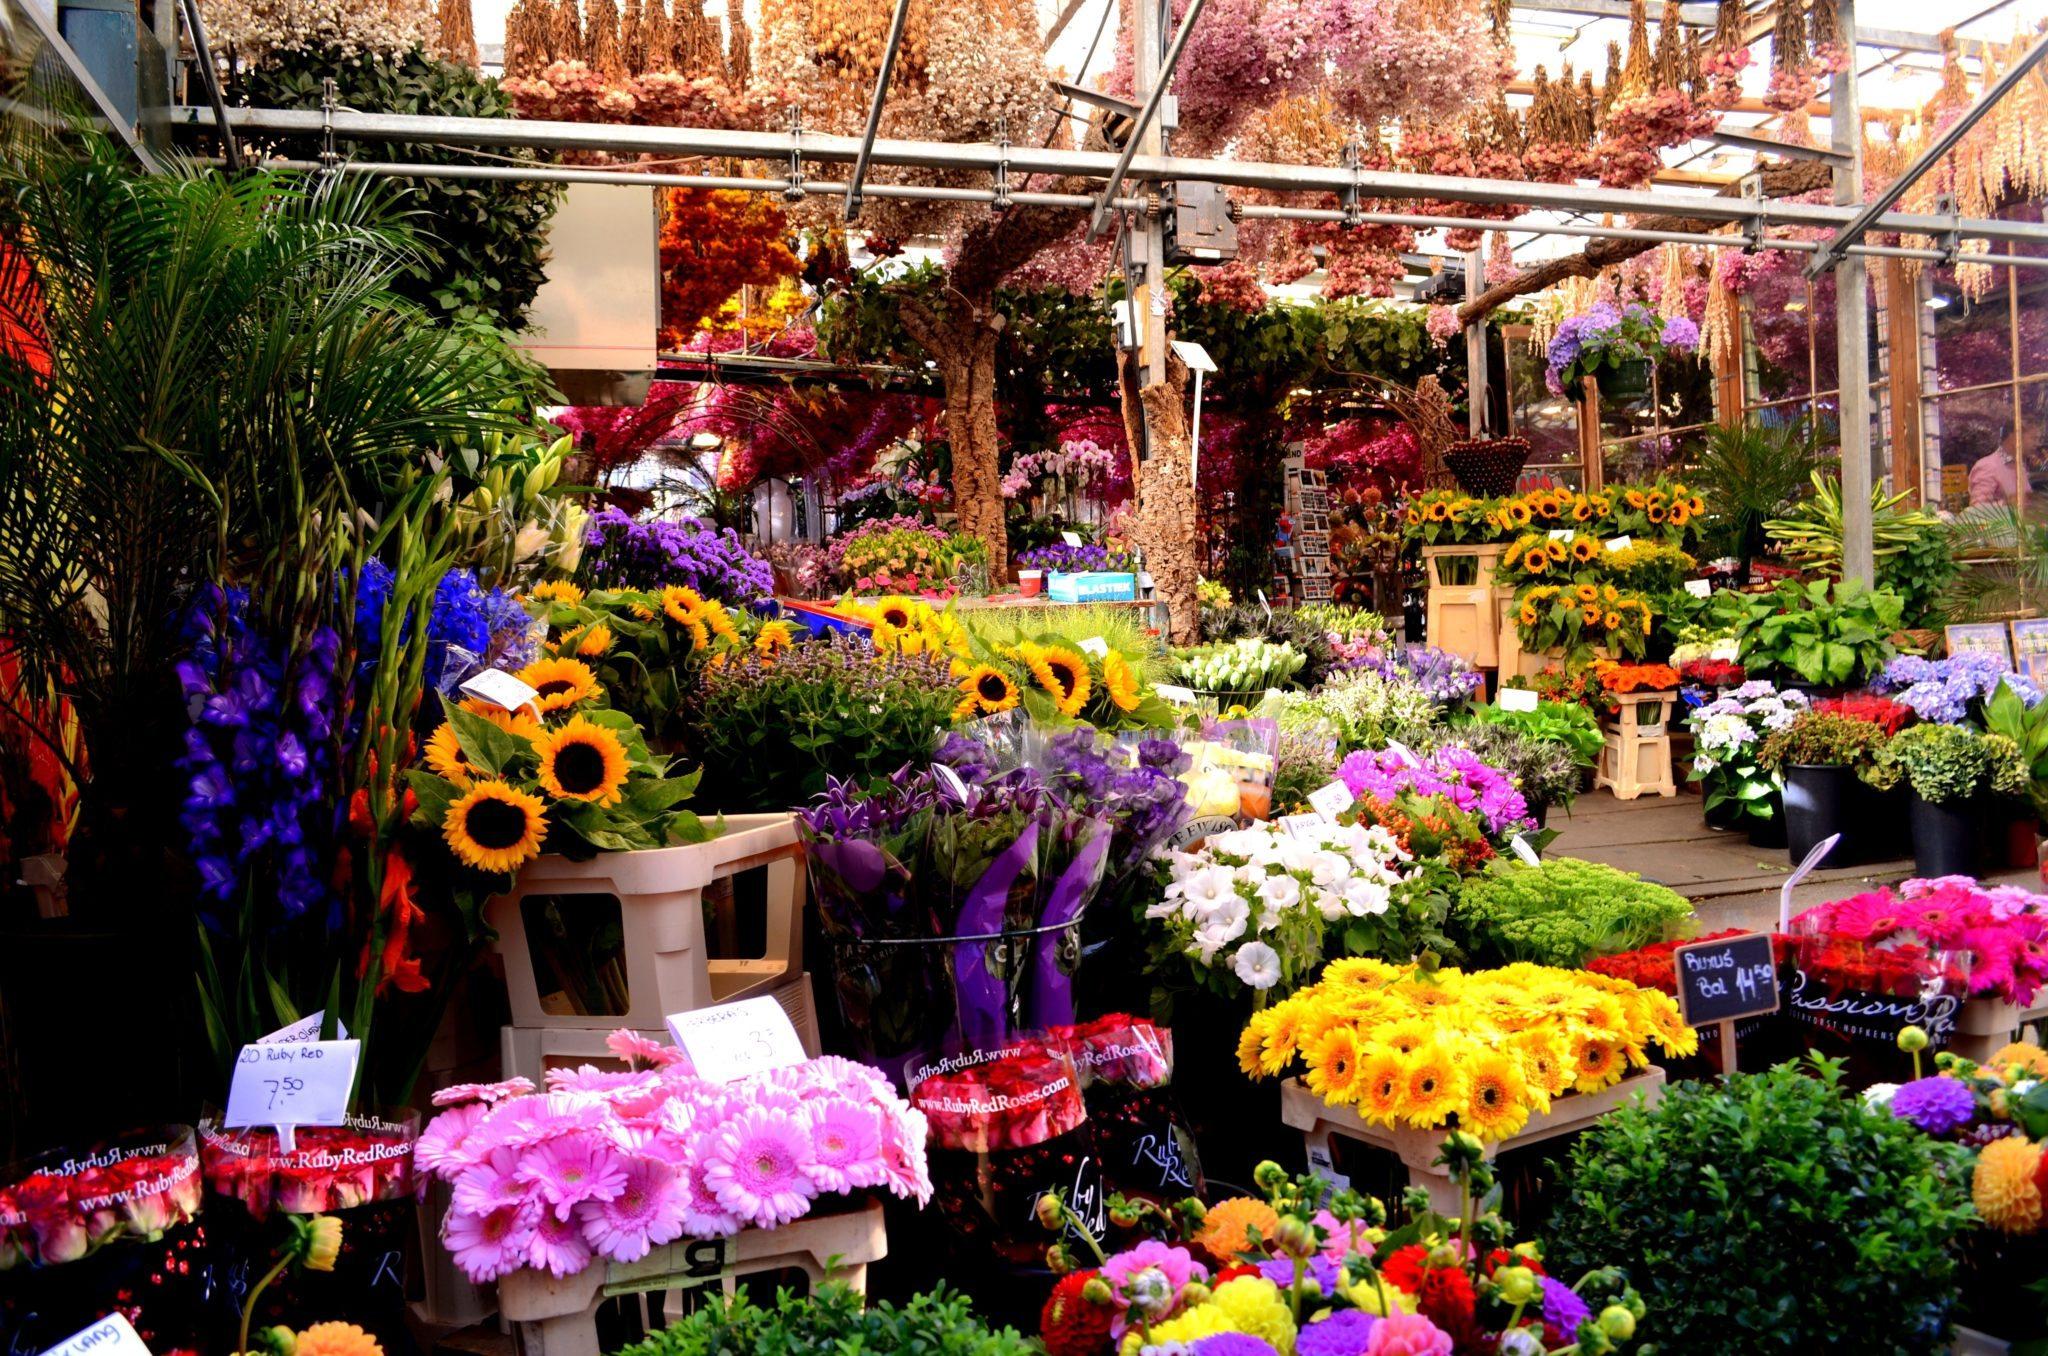 Цветочная магазин со студией фото и видео-съемки